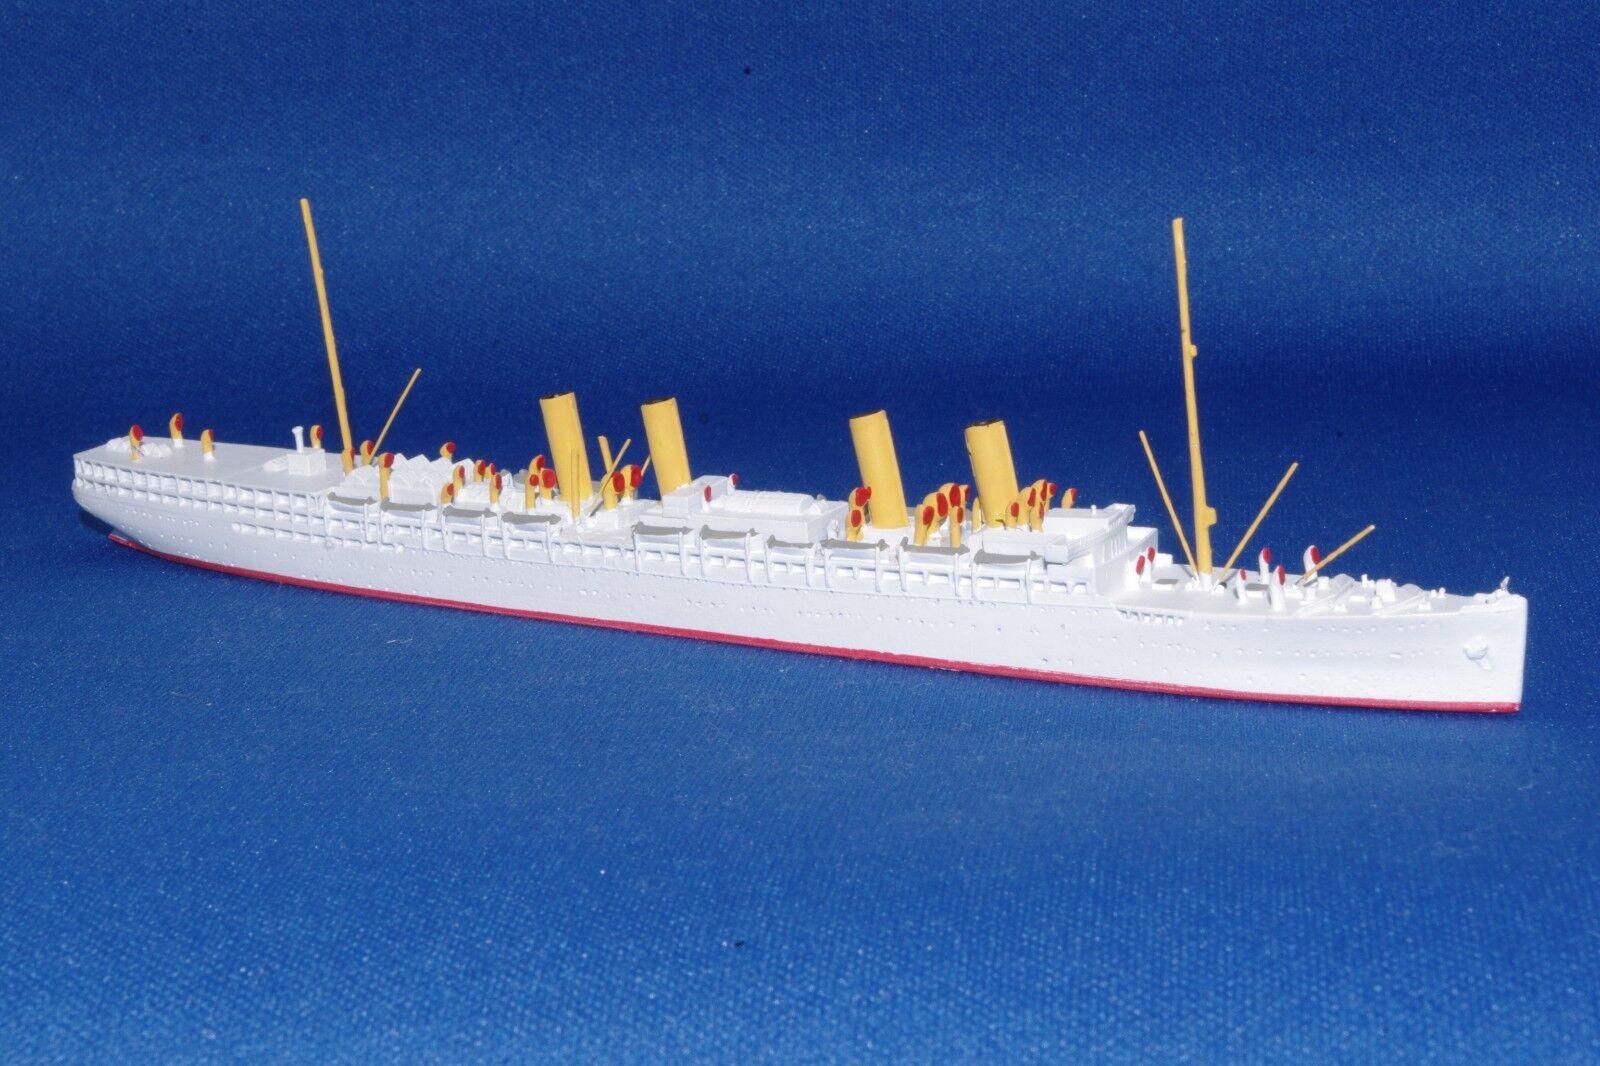 Pier 35 cruise ship terminal 1:1250